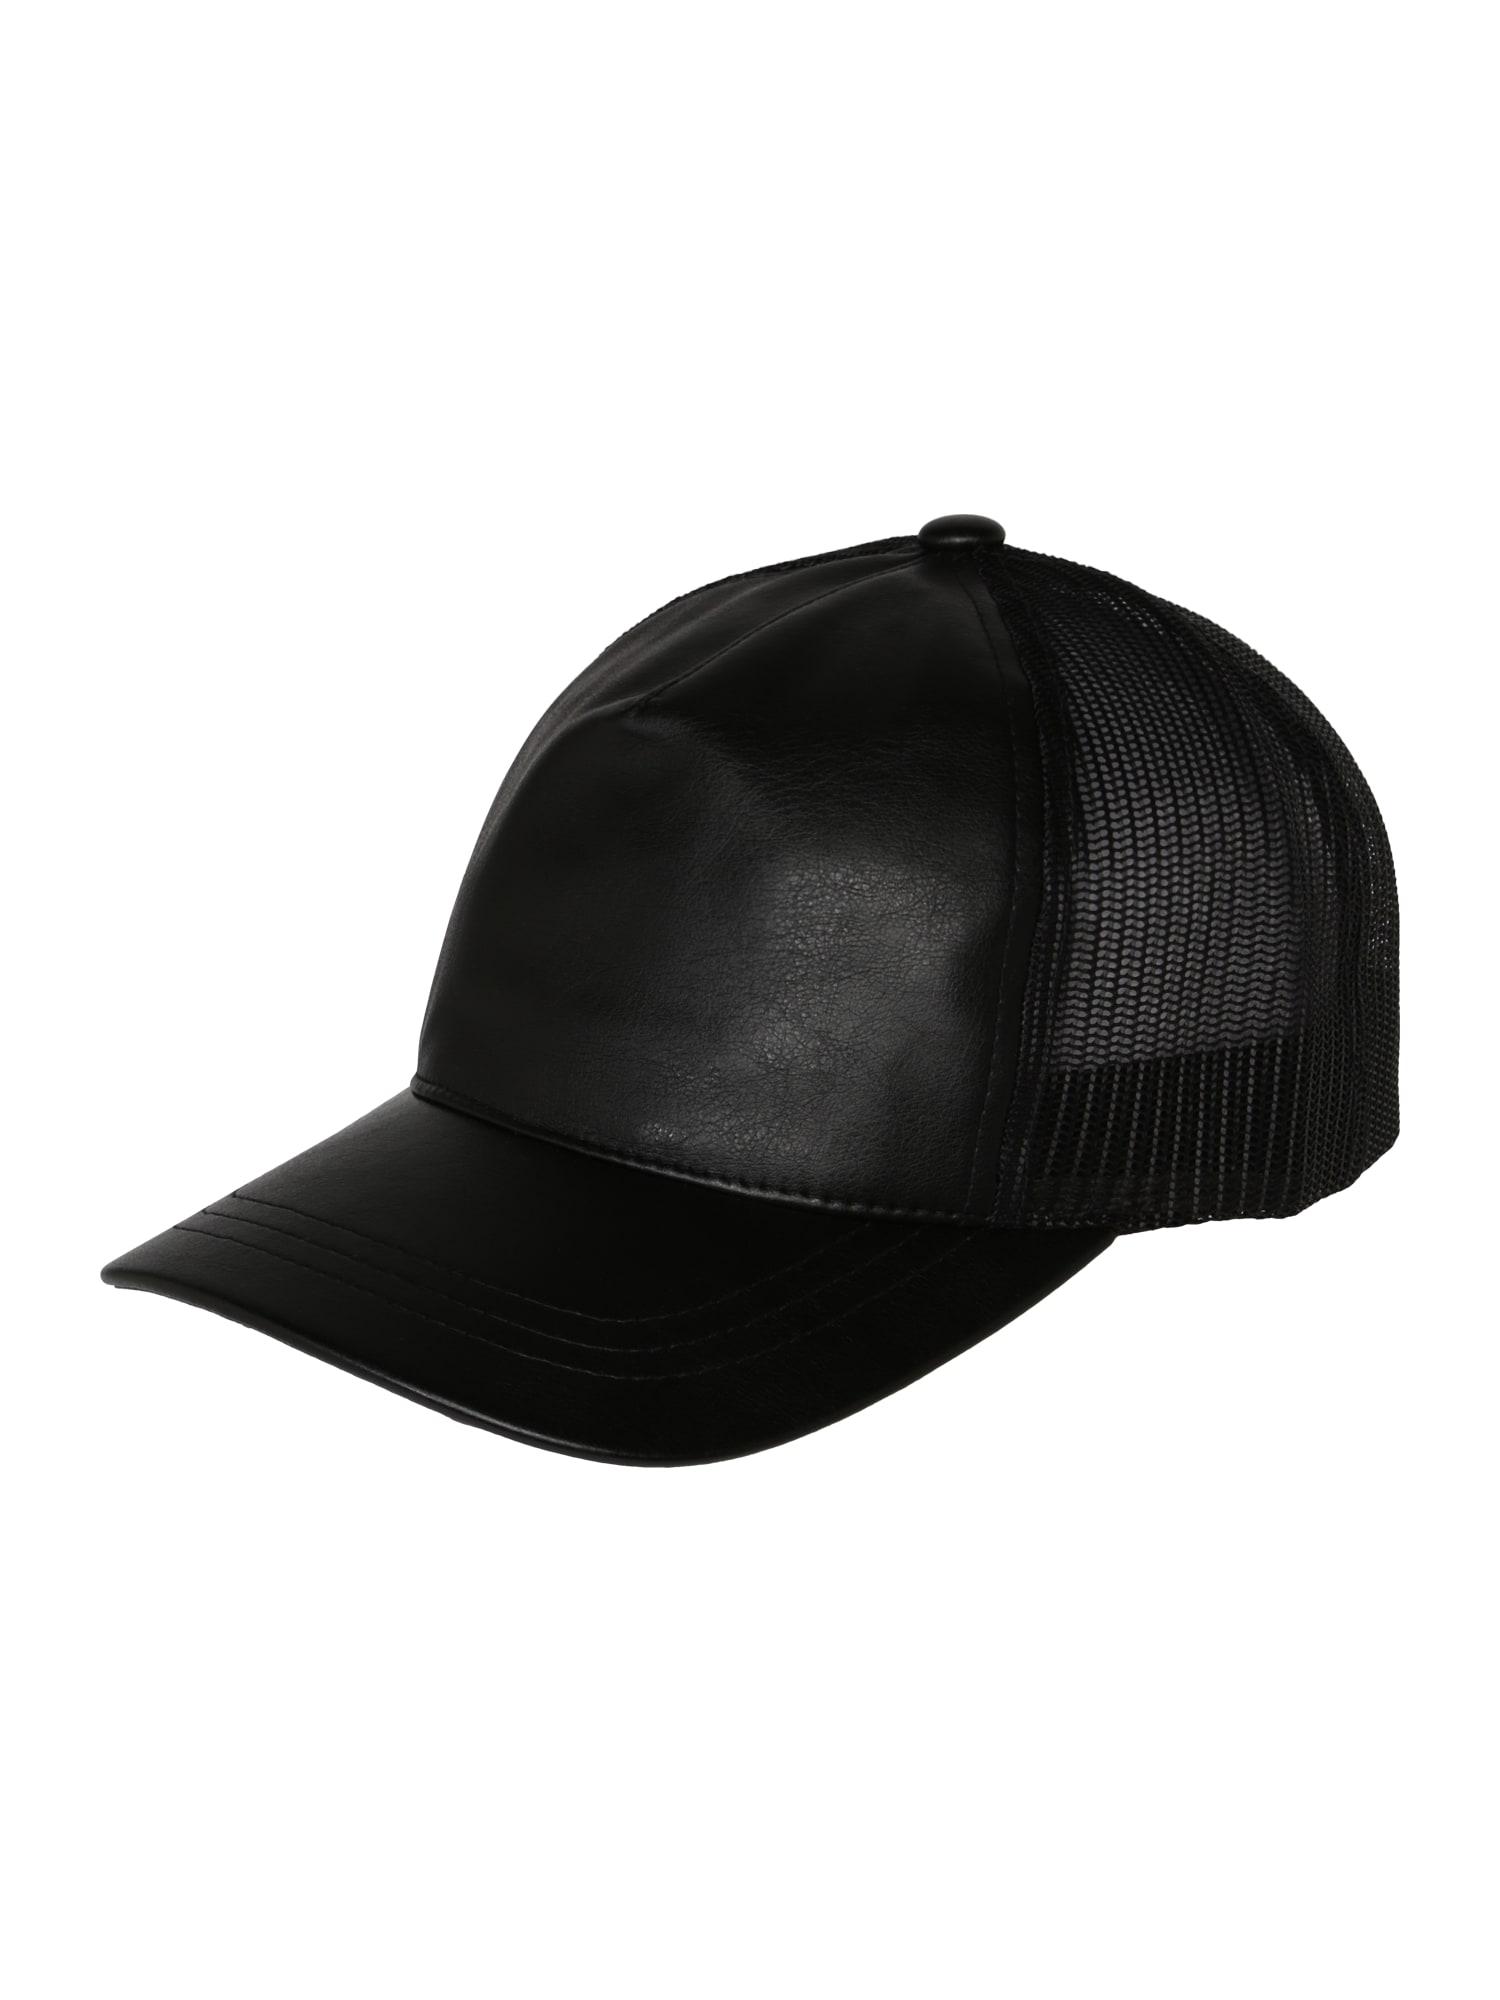 Kšiltovka Trucker černá Flexfit